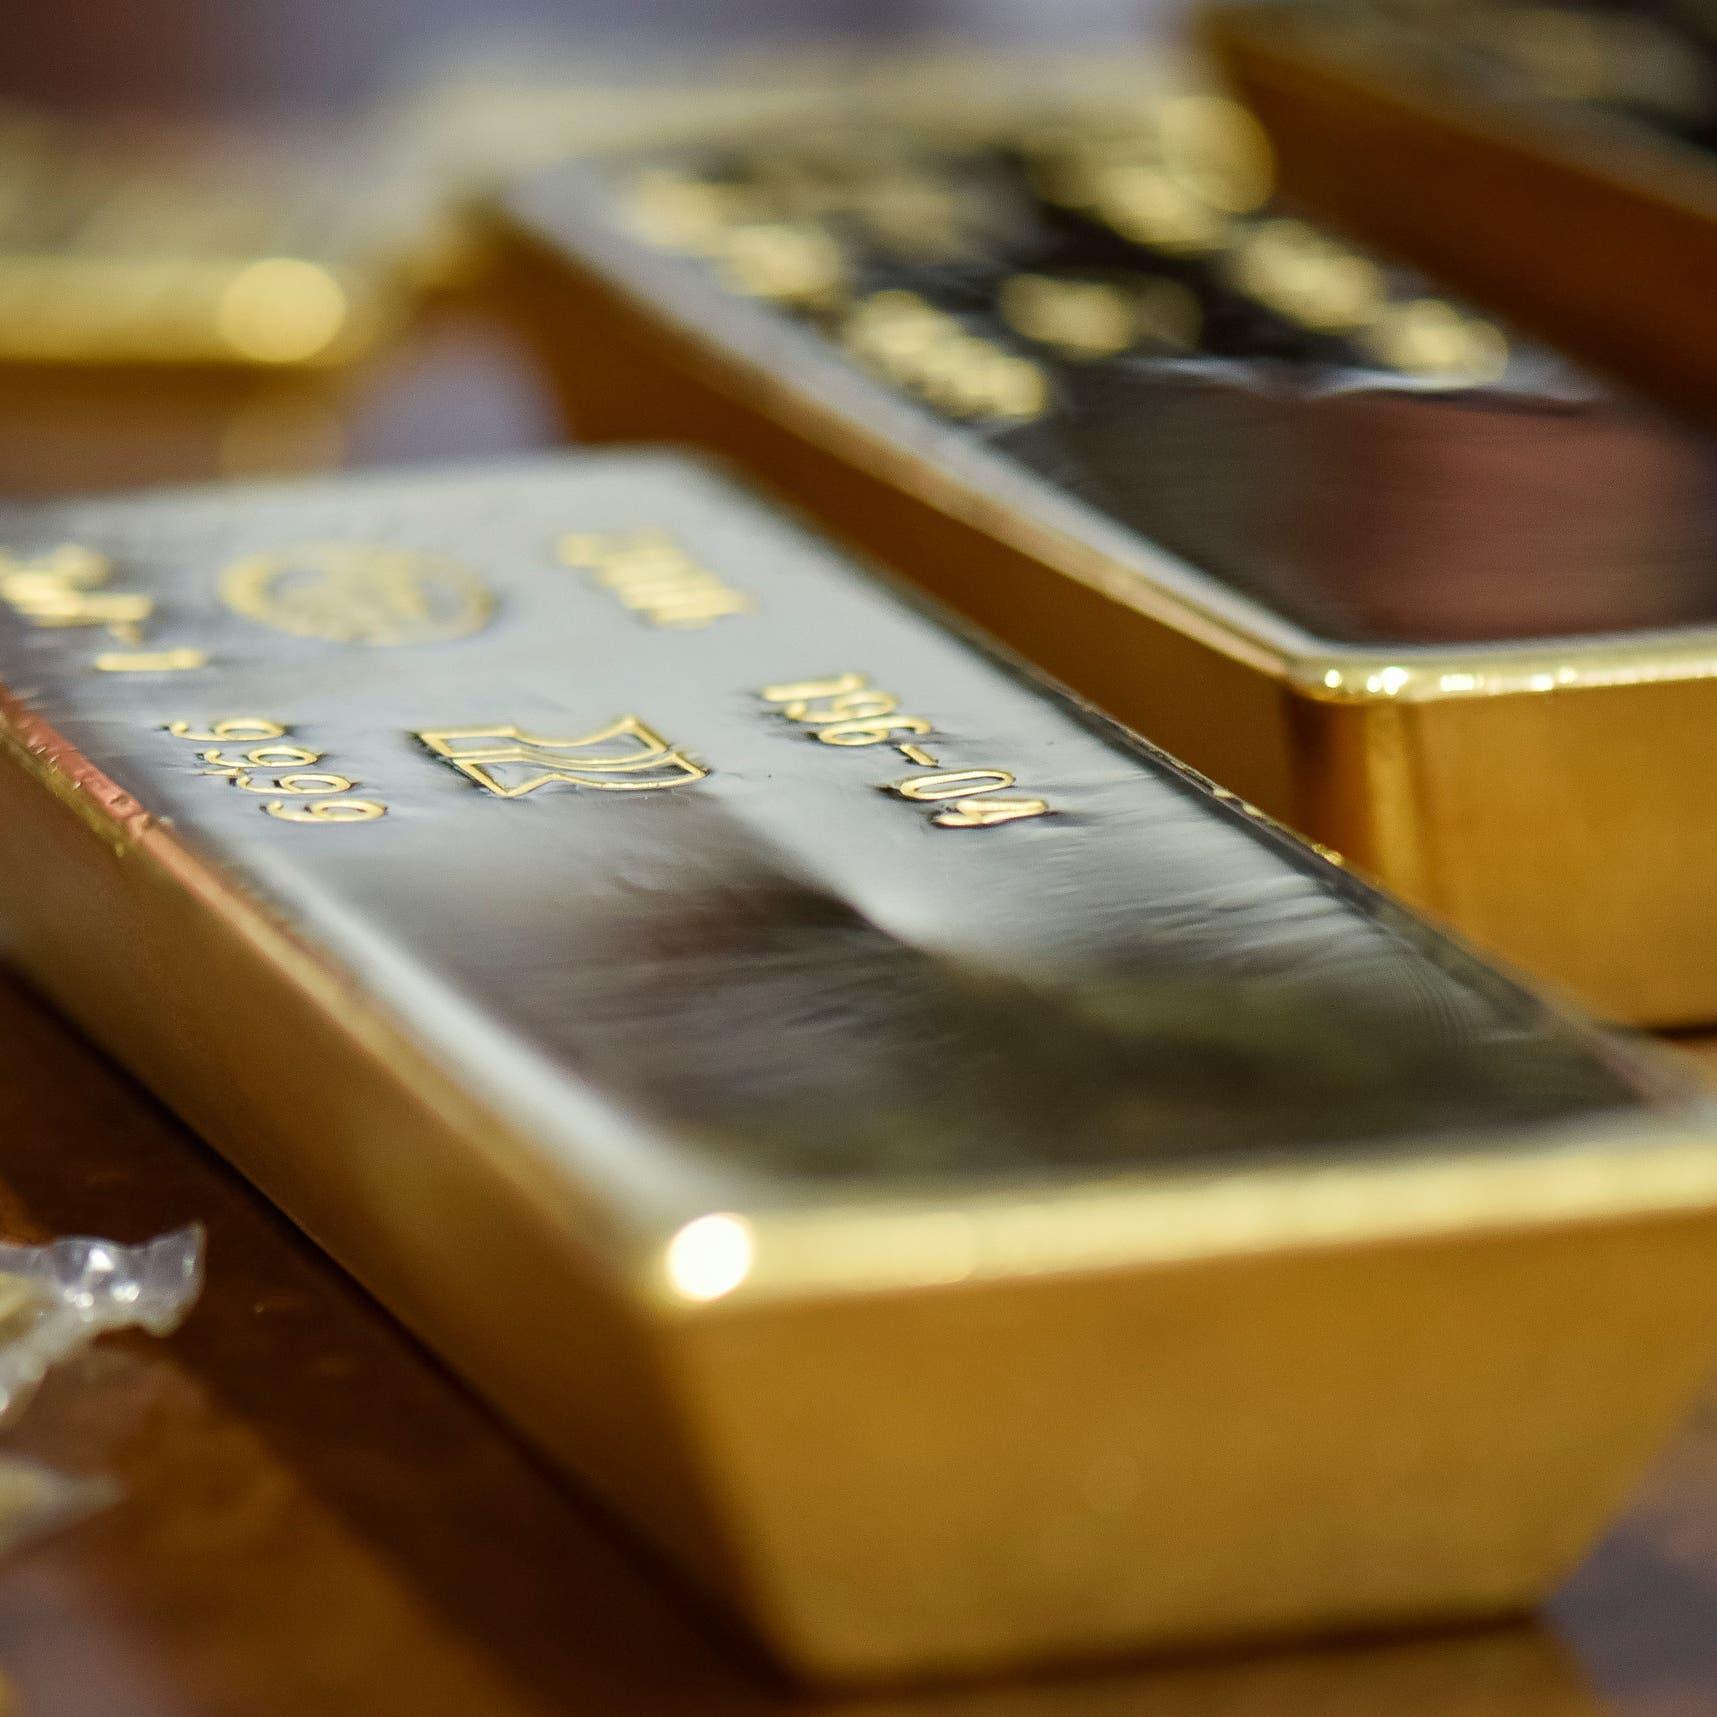 لماذا اشترت الصين 100 طن من الذهب؟